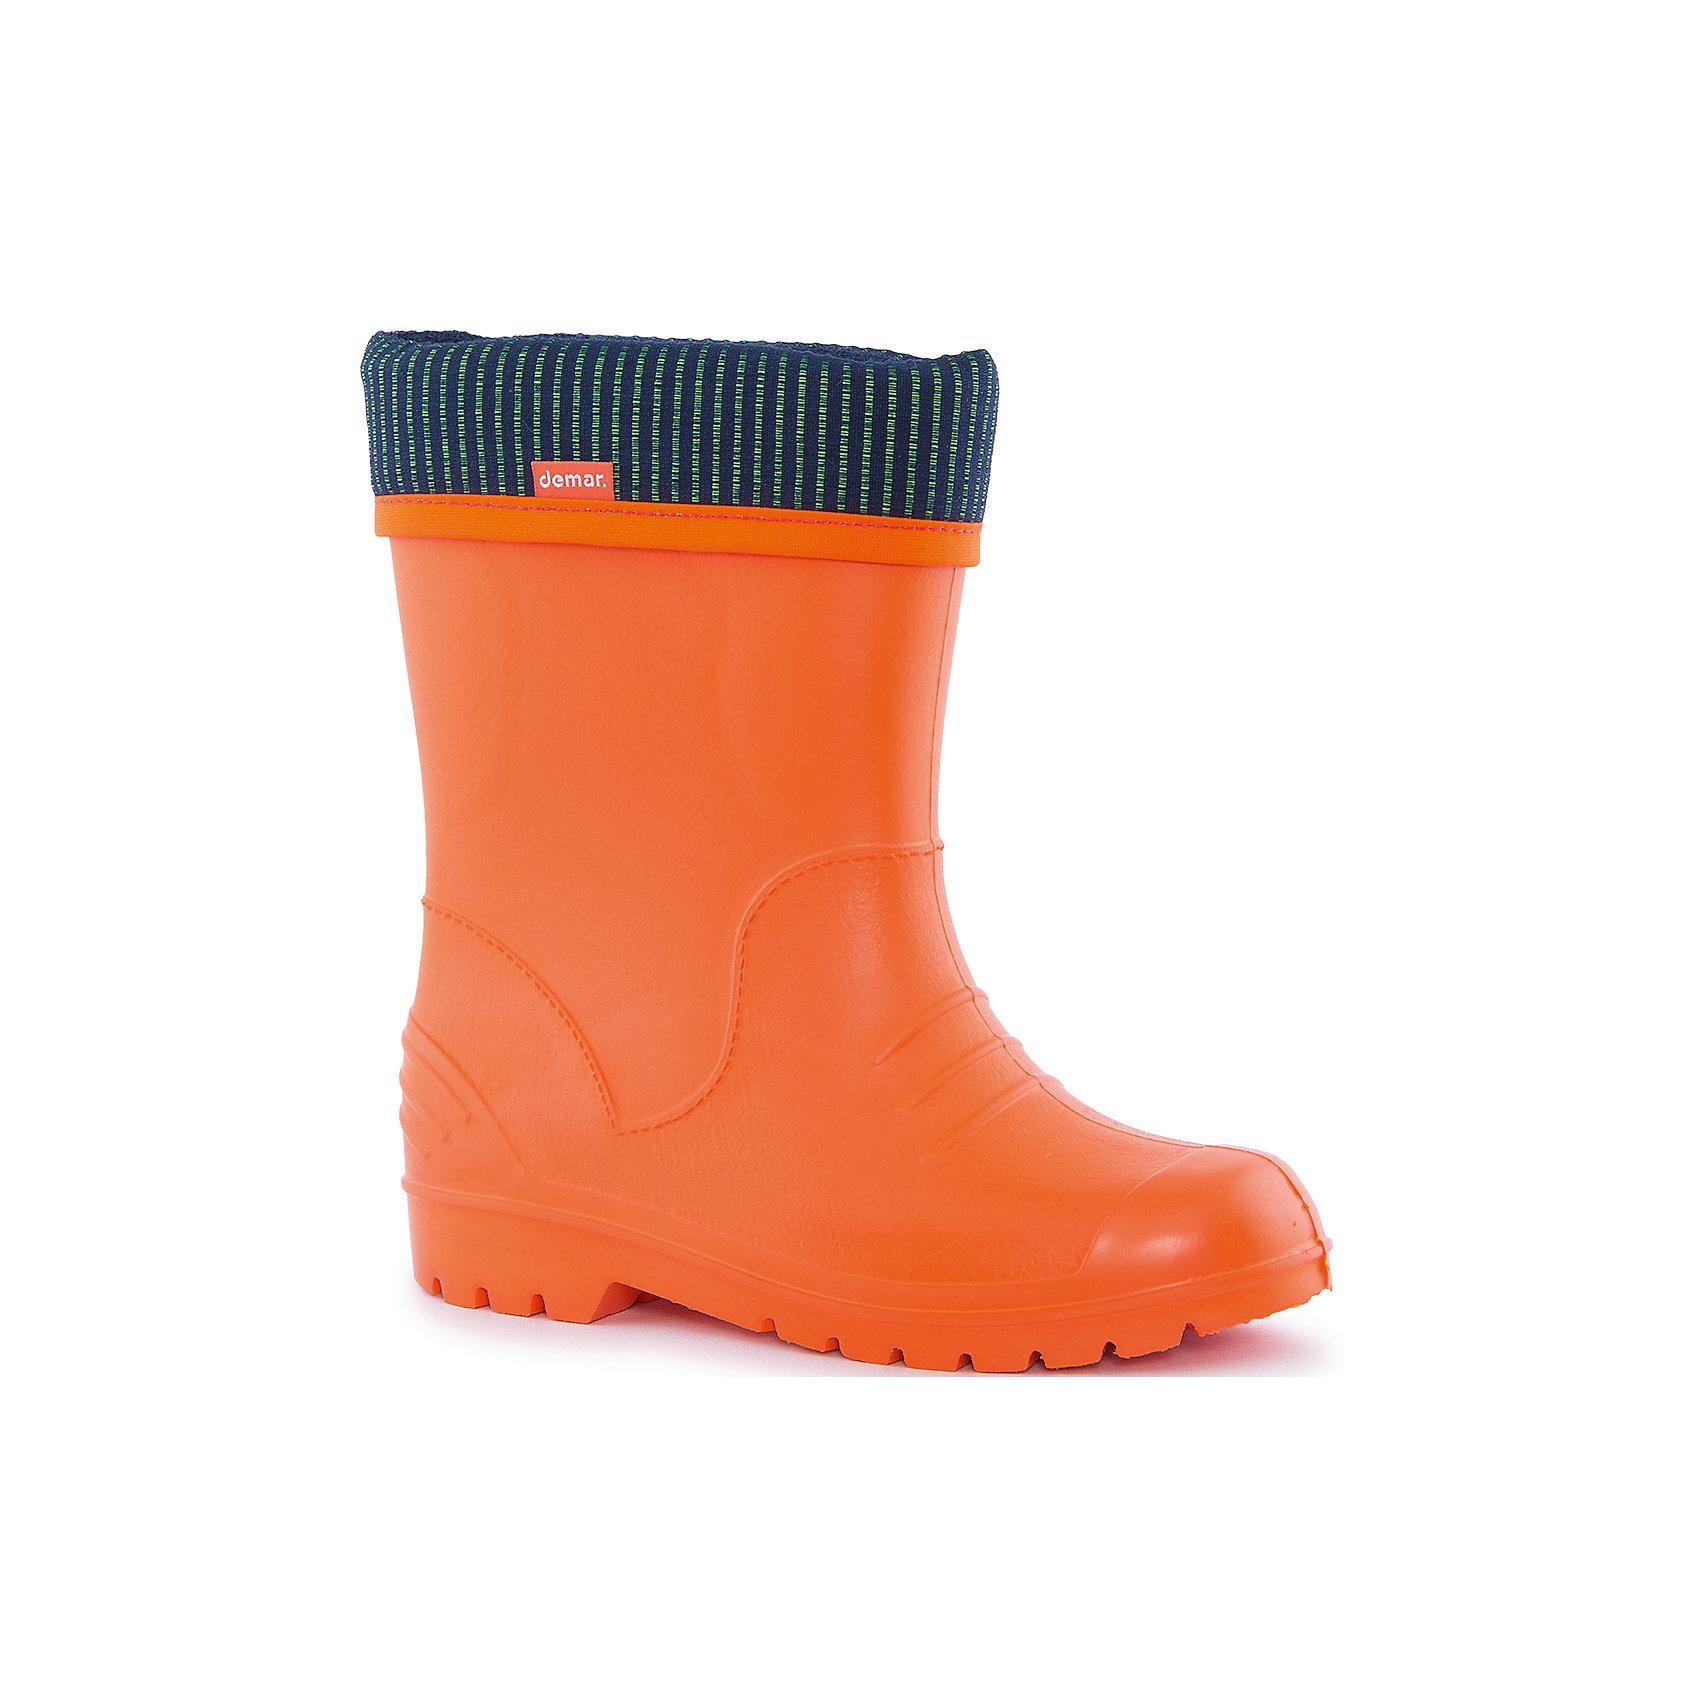 Резиновые сапоги Dino DEMARРезиновые сапоги<br>Характеристики товара:<br><br>• цвет: оранжевый<br>• материал верха: ЭВА<br>• материал подкладки: текстиль <br>• материал подошвы: ЭВА<br>• температурный режим: от 0° до +15° С<br>• верх не продувается<br>• съемный чулок<br>• стильный дизайн<br>• страна бренда: Польша<br>• страна изготовитель: Польша<br><br>Осенью и весной ребенку не обойтись без непромокаемых сапожек! Чтобы не пропустить главные удовольствия межсезонья, нужно запастись удобной обувью. Такие сапожки обеспечат ребенку необходимый для активного отдыха комфорт, а подкладка из текстиля позволит ножкам оставаться теплыми. Сапожки легко надеваются и снимаются, отлично сидят на ноге. Они удивительно легкие!<br>Обувь от польского бренда Demar - это качественные товары, созданные с применением новейших технологий и с использованием как натуральных, так и высокотехнологичных материалов. Обувь отличается стильным дизайном и продуманной конструкцией. Изделие производится из качественных и проверенных материалов, которые безопасны для детей.<br><br>Сапожки от бренда Demar (Демар) можно купить в нашем интернет-магазине.<br><br>Ширина мм: 237<br>Глубина мм: 180<br>Высота мм: 152<br>Вес г: 438<br>Цвет: разноцветный<br>Возраст от месяцев: -2147483648<br>Возраст до месяцев: 2147483647<br>Пол: Женский<br>Возраст: Детский<br>Размер: 32/33,22/23,34/35,30/31,28/29<br>SKU: 4640009